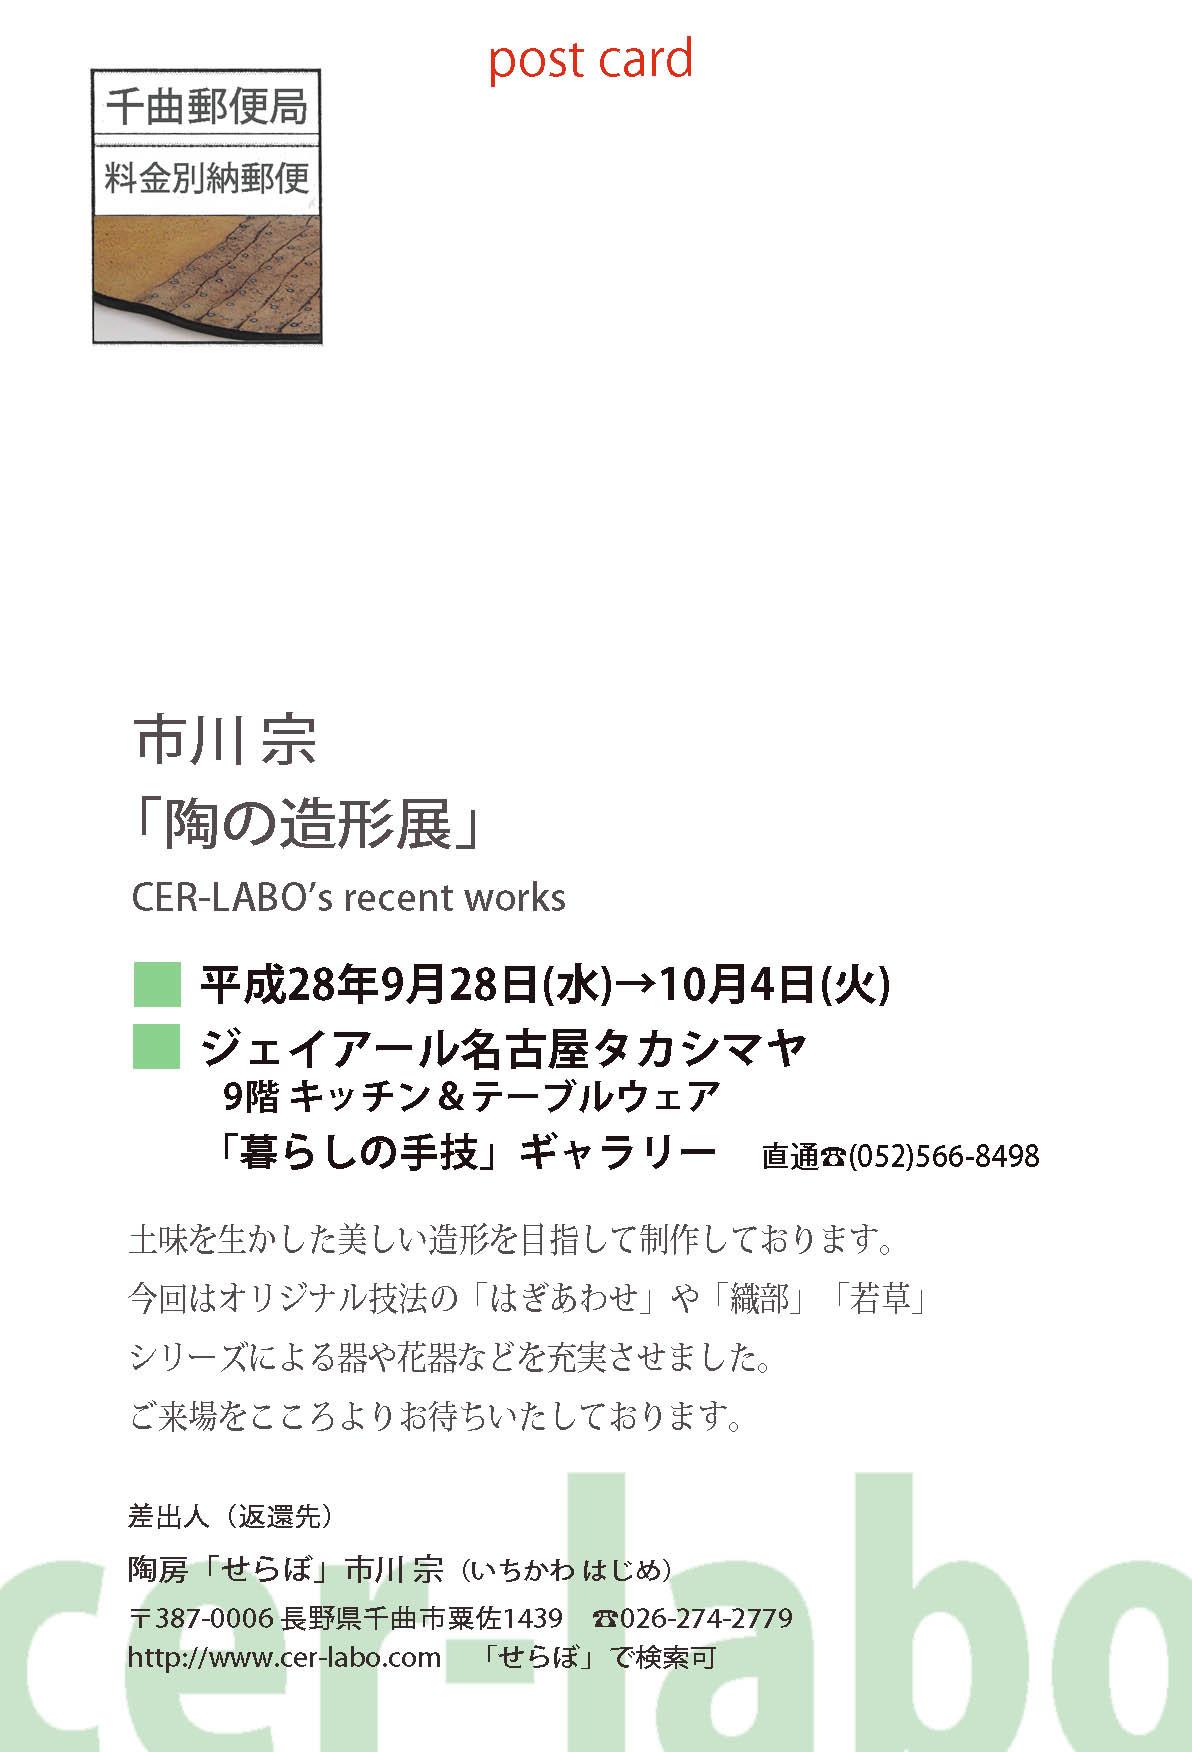 名古屋の展示会のDMデザイン_e0226943_22553888.jpg